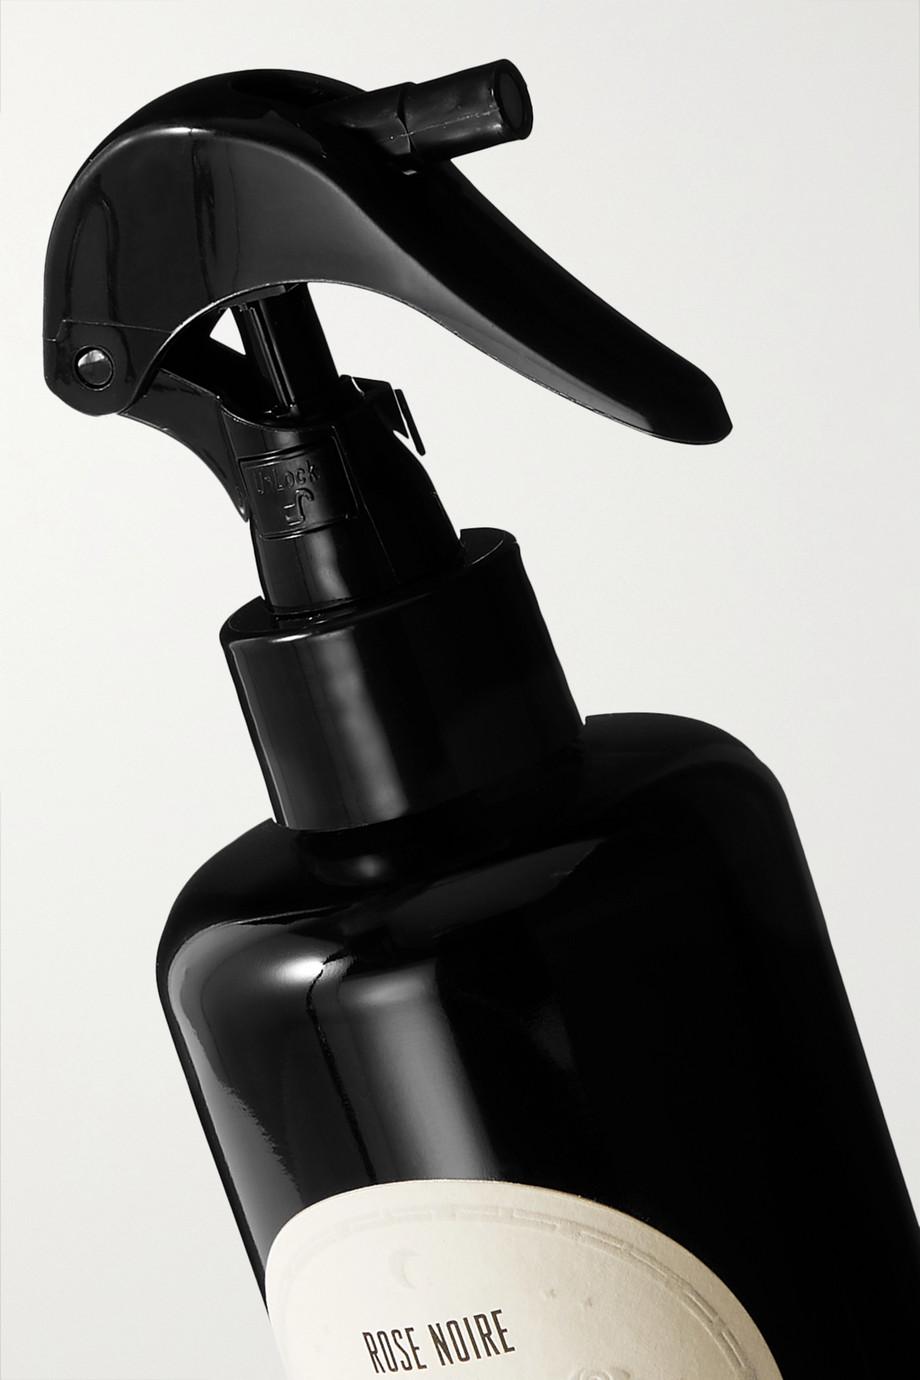 L'Objet Rose Noire Raumspray, 200 ml